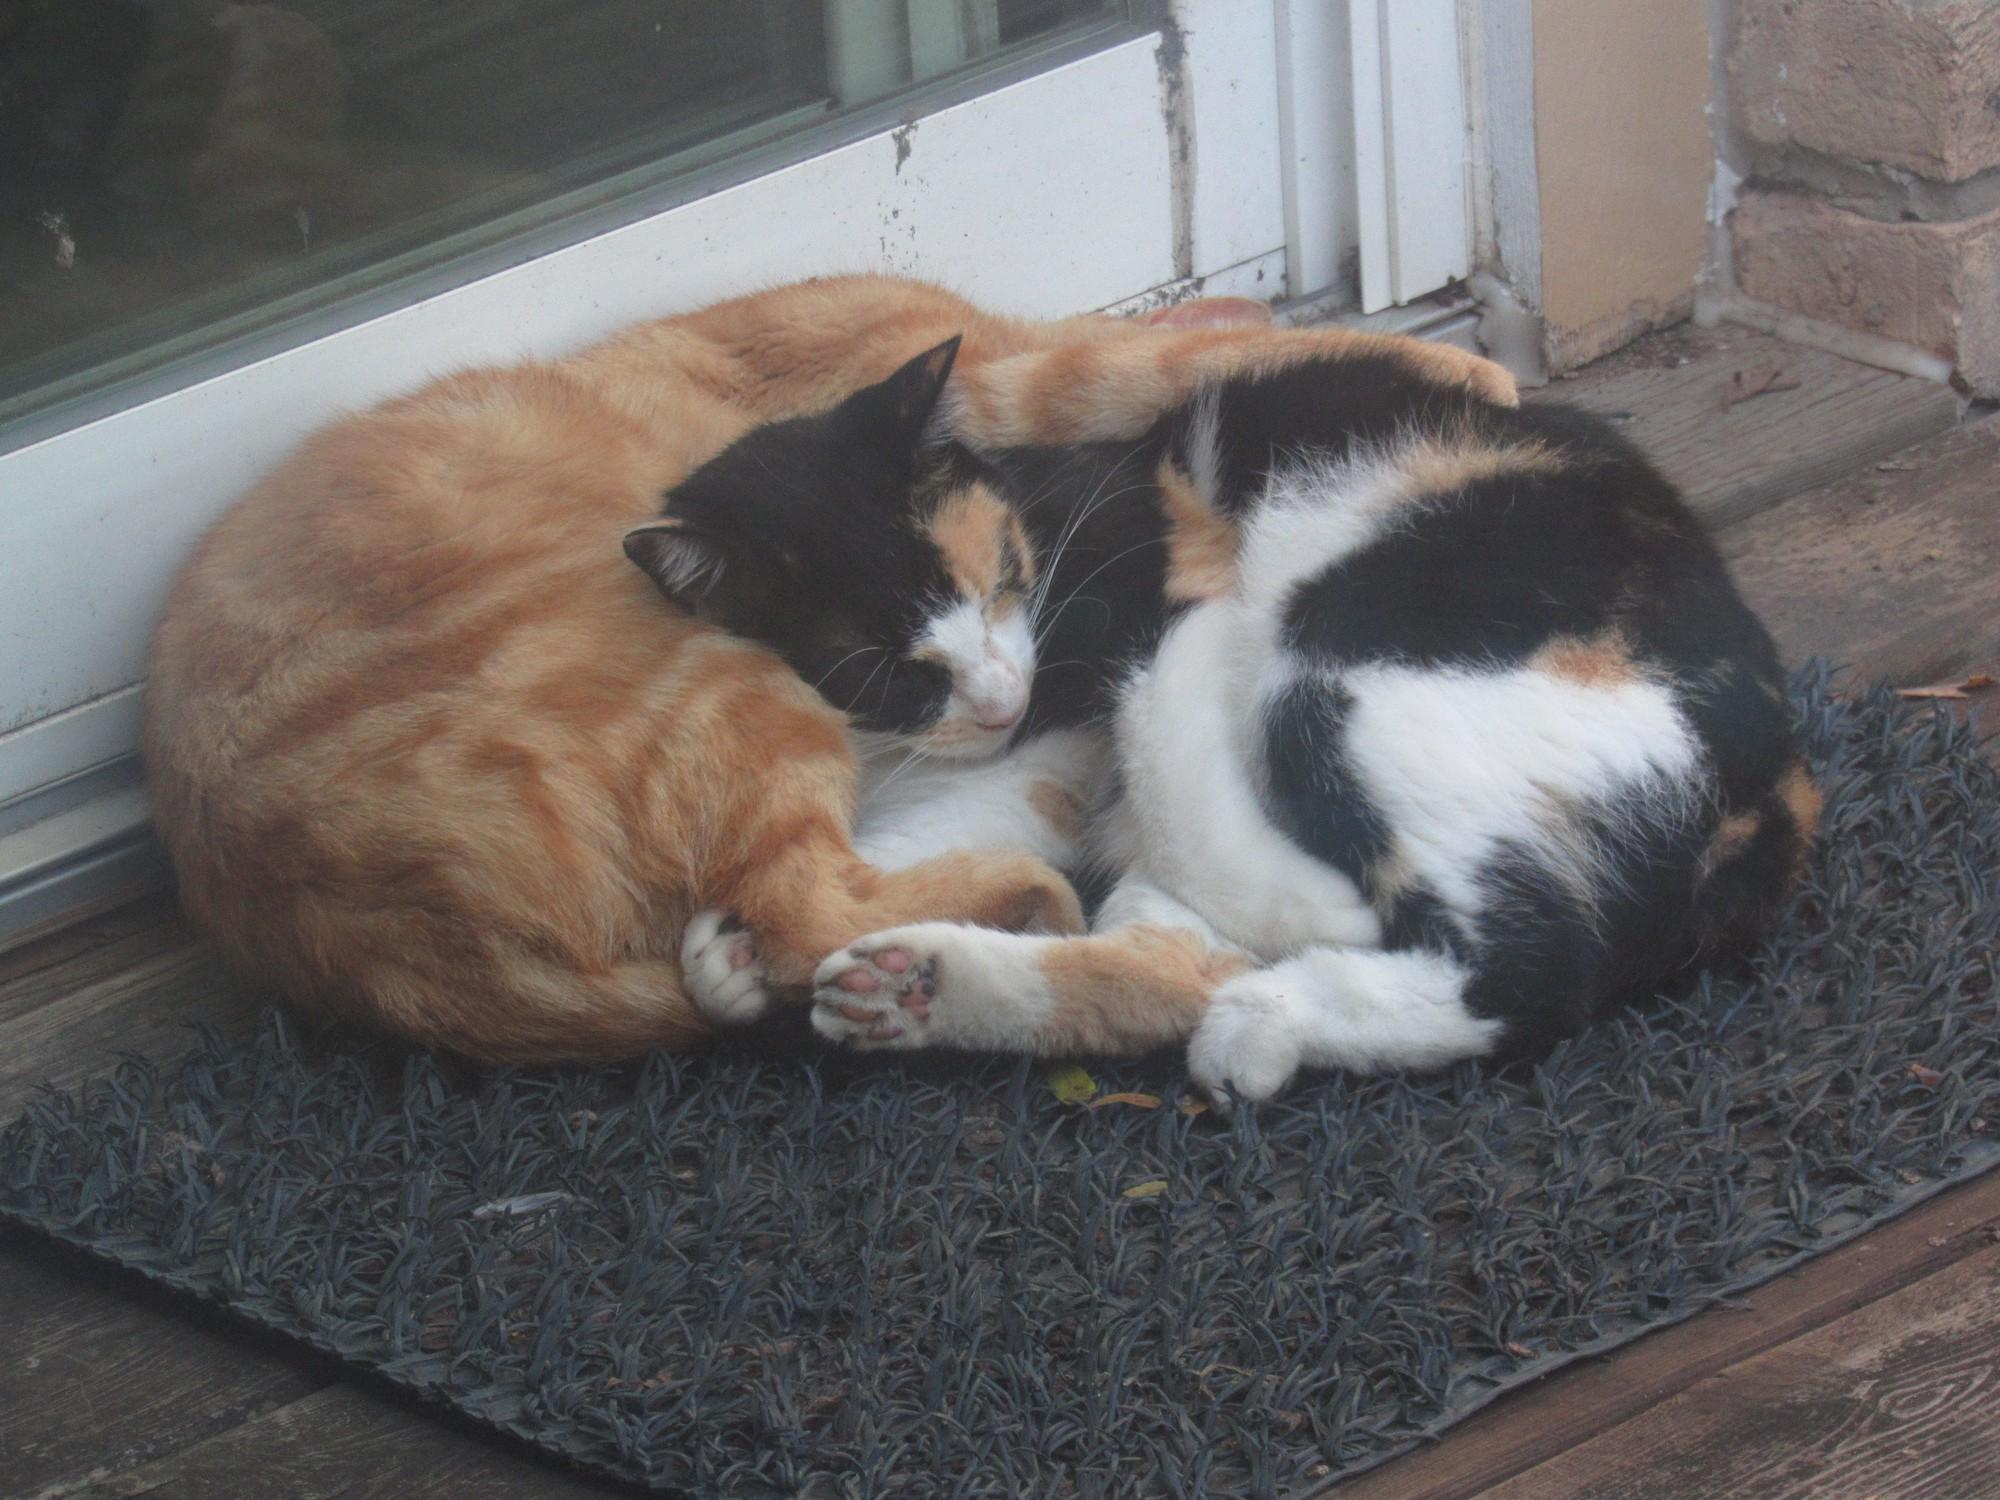 Sis and Bro naptime.jpg